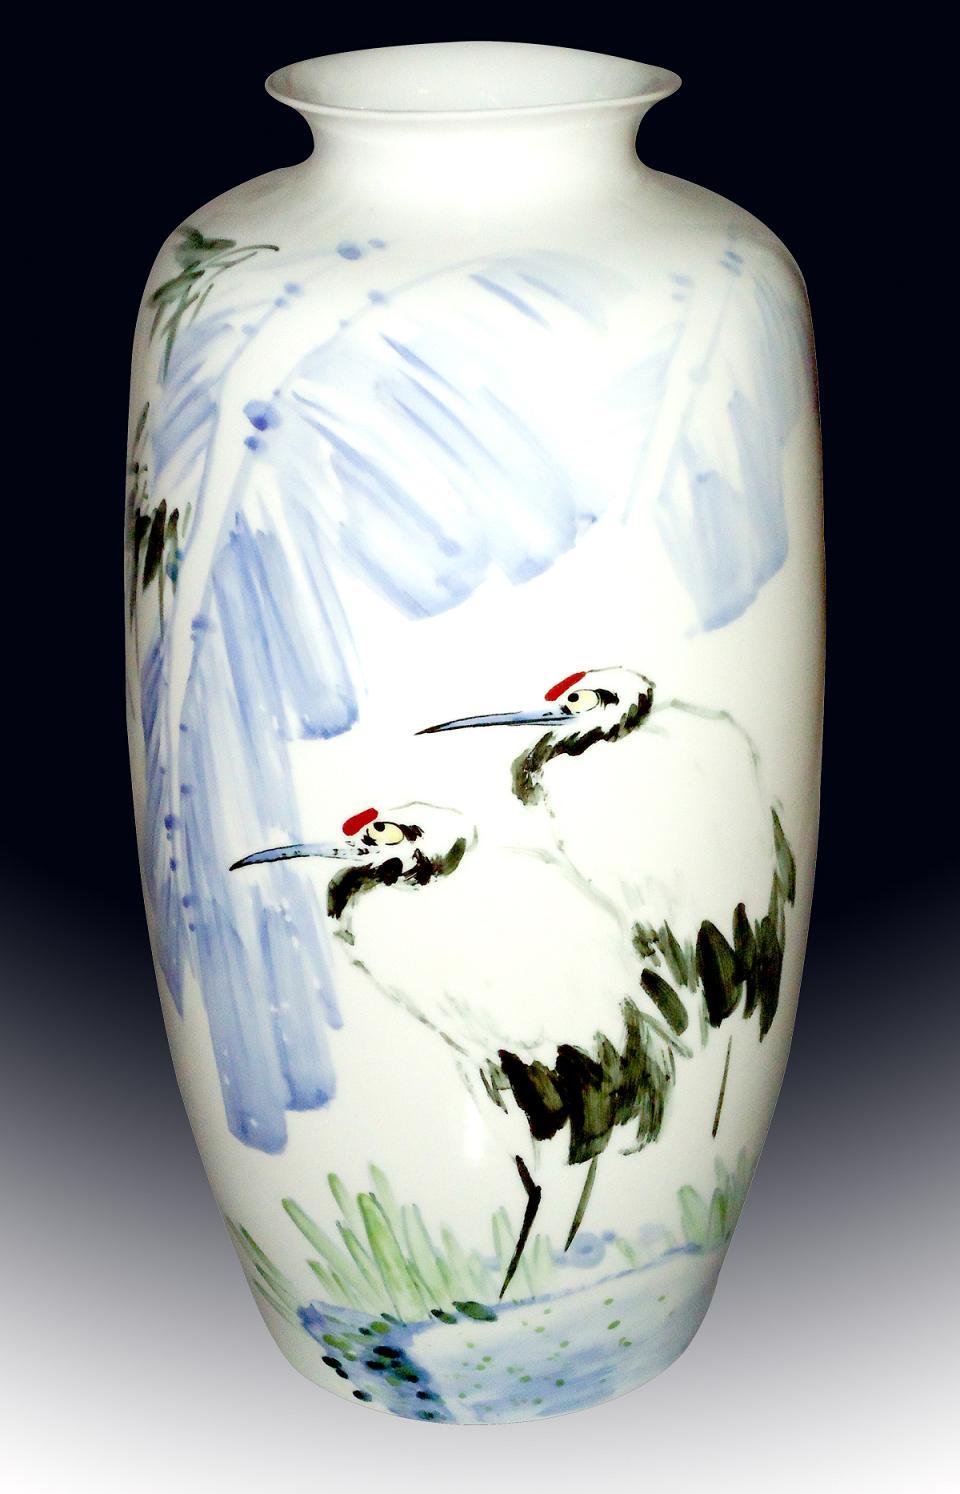 手绘骨瓷花瓶图片